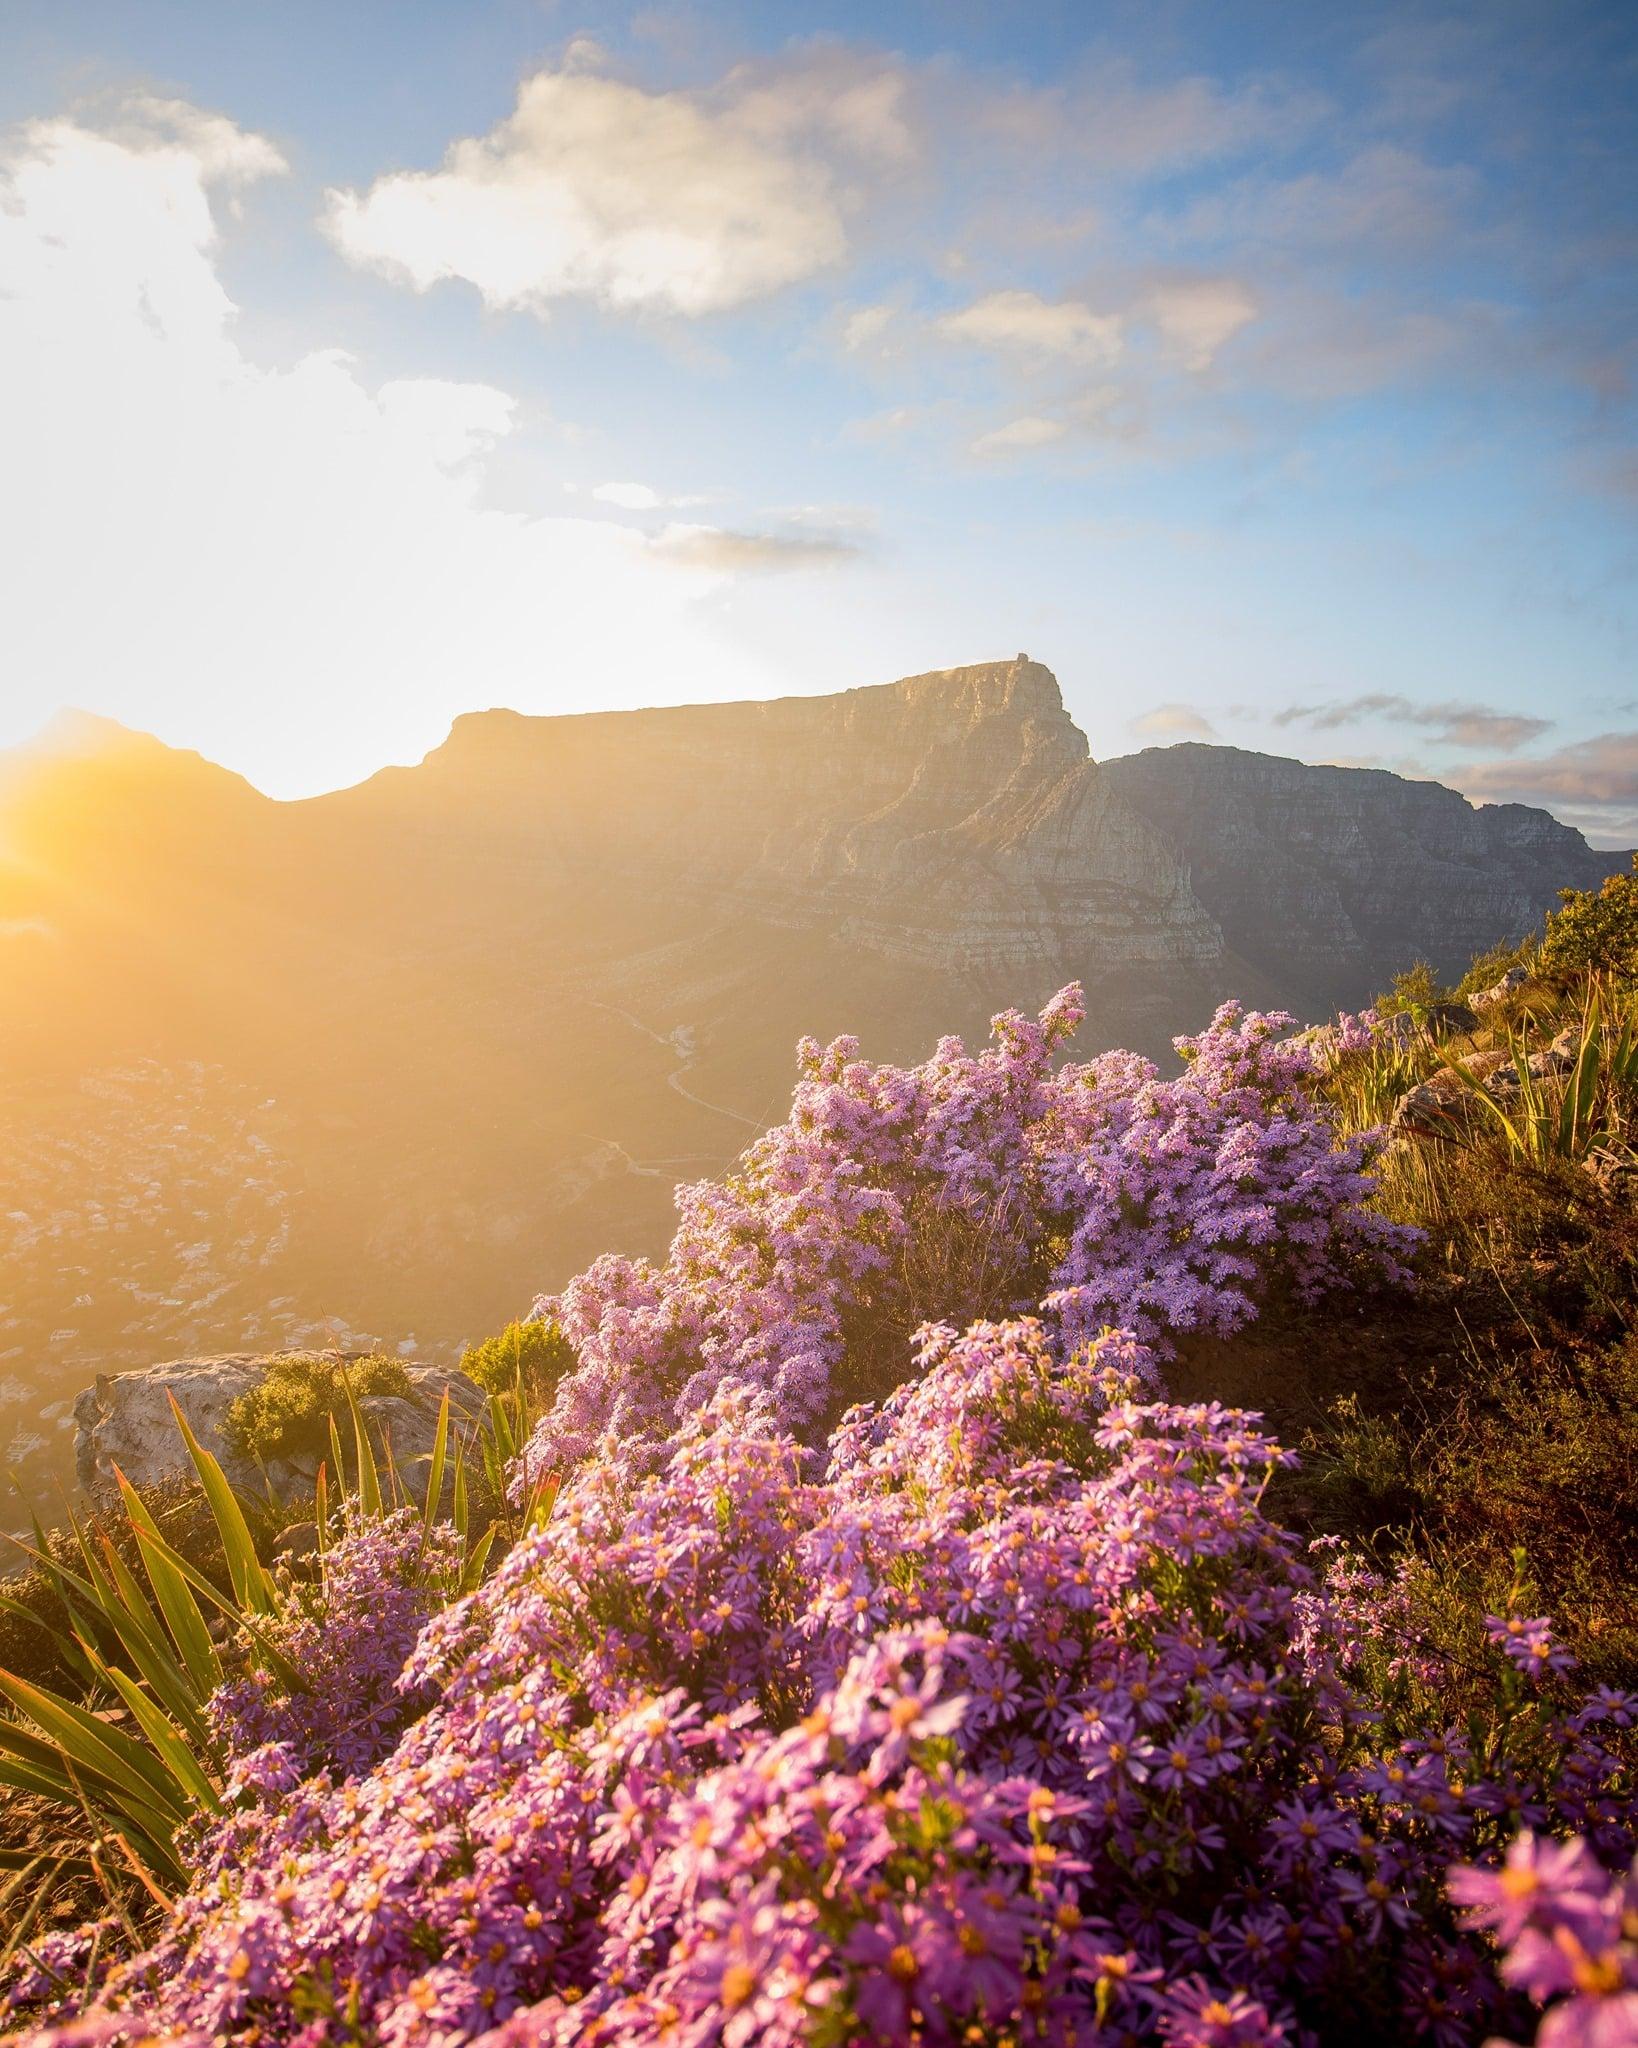 Auf dem Bild ist eine lila Gebirgspflanze zu sehen. Die Sonne scheint und im Hintergrund ist ein Berg zu sehen.